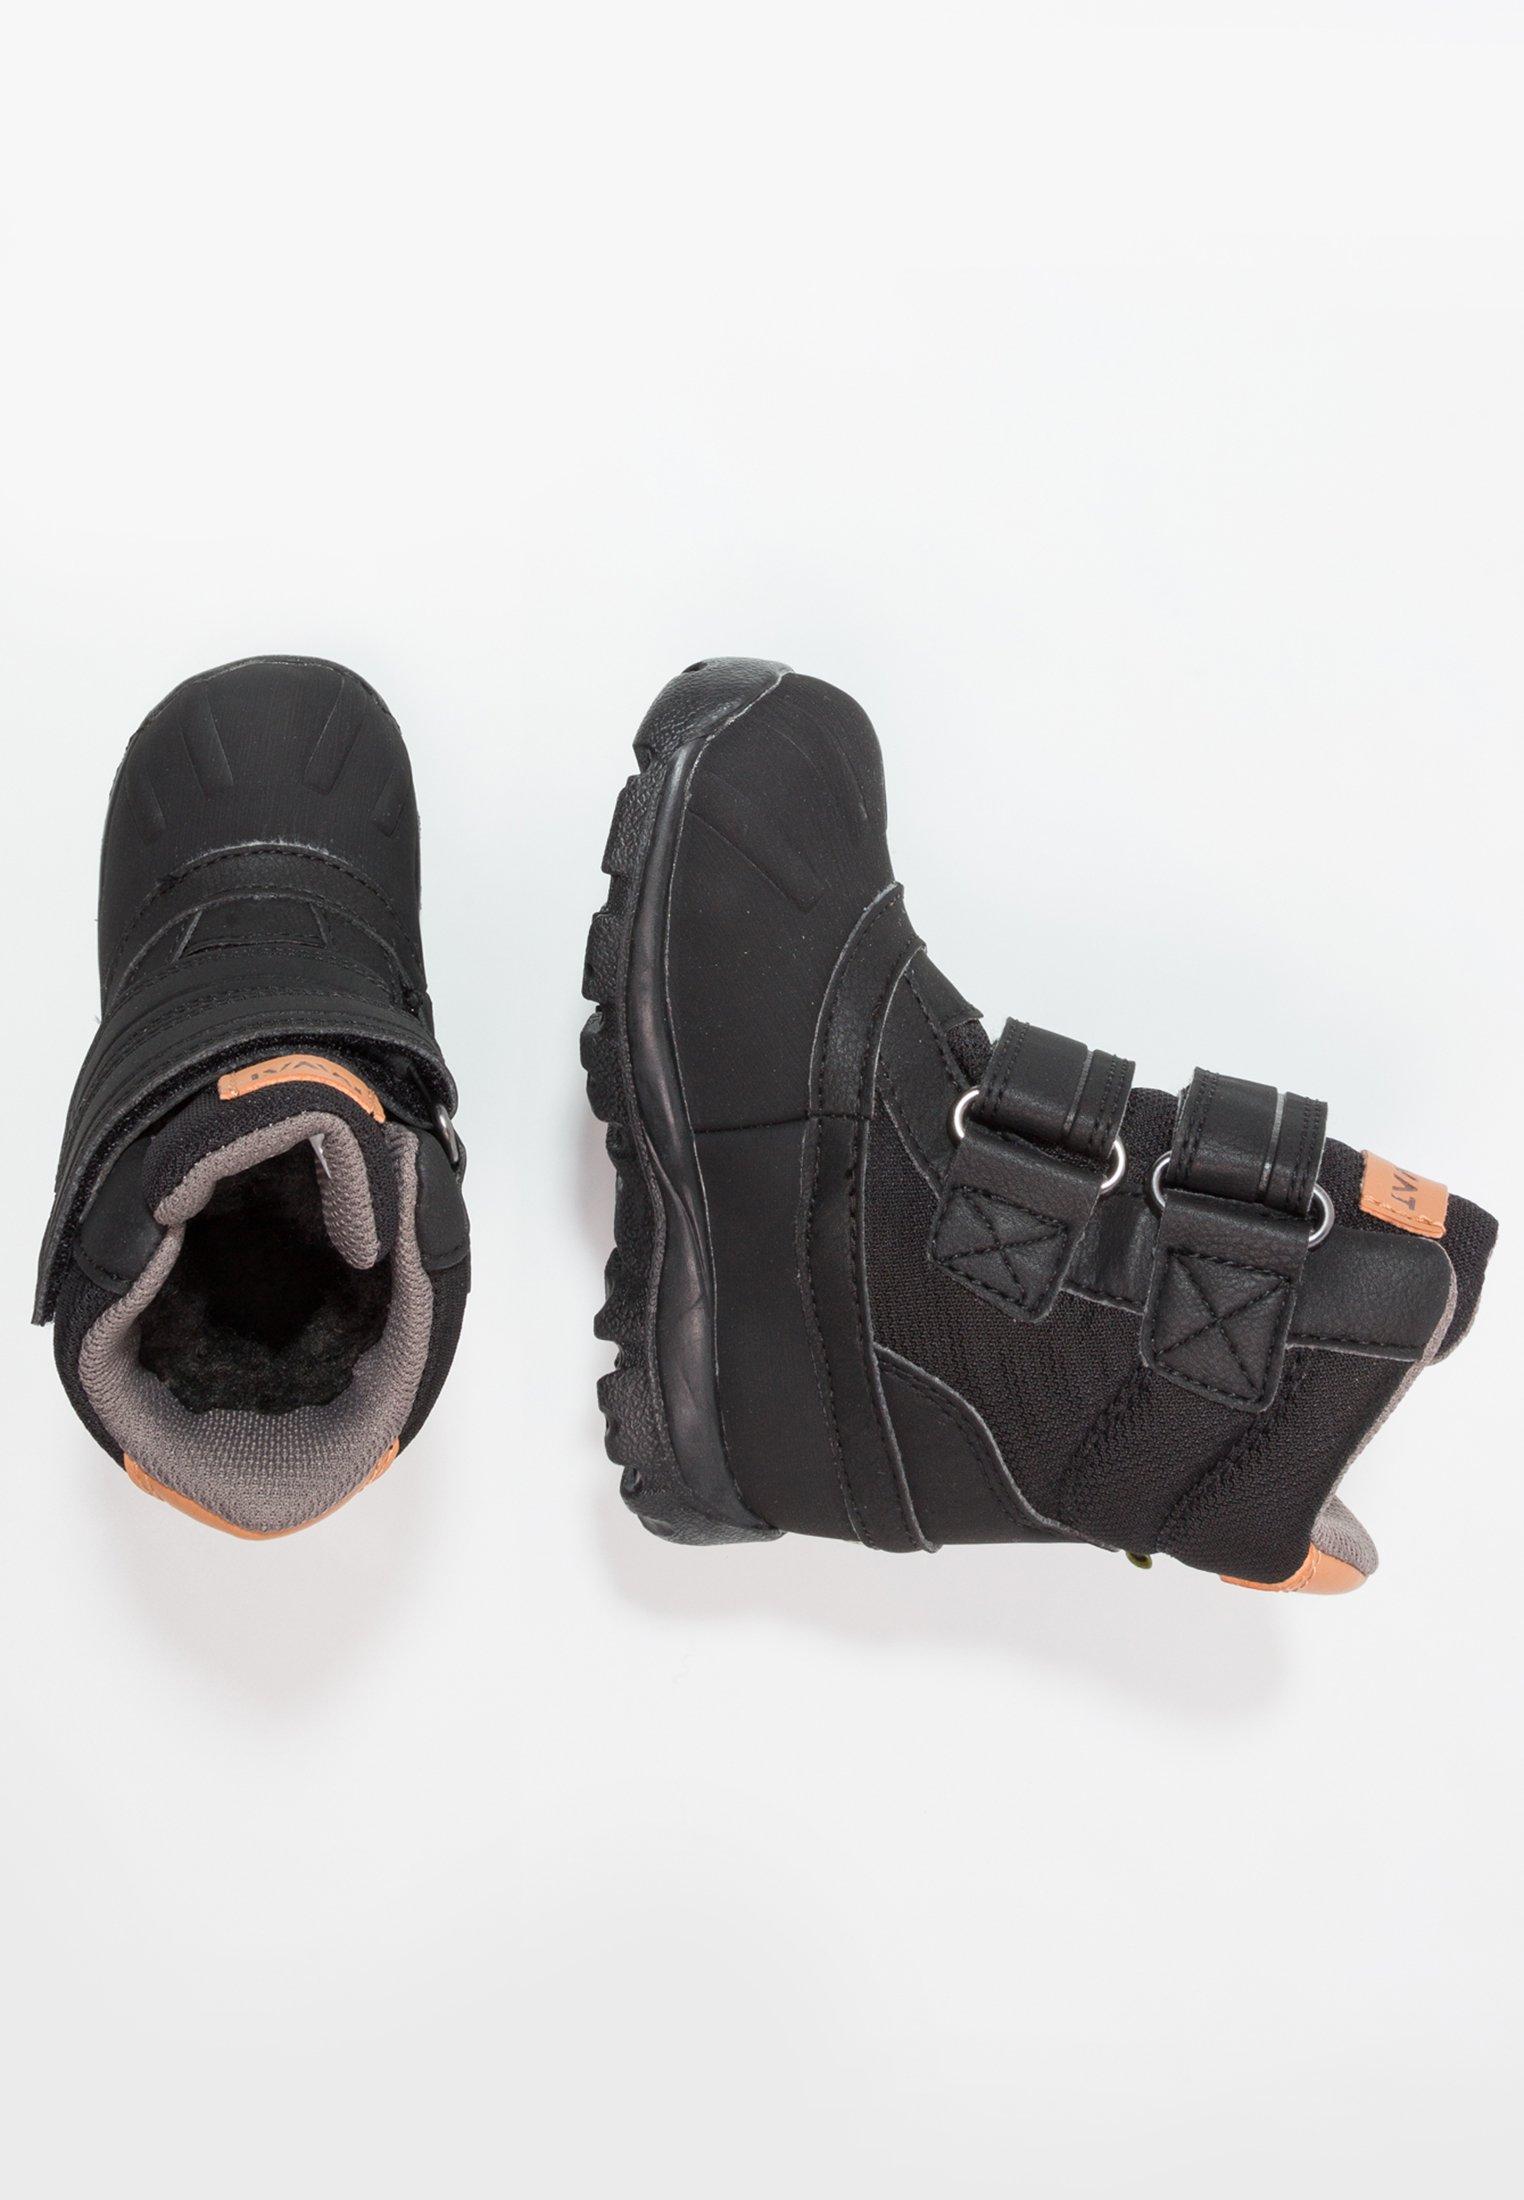 Odzież i buty dziecięce Kavat w Zalando